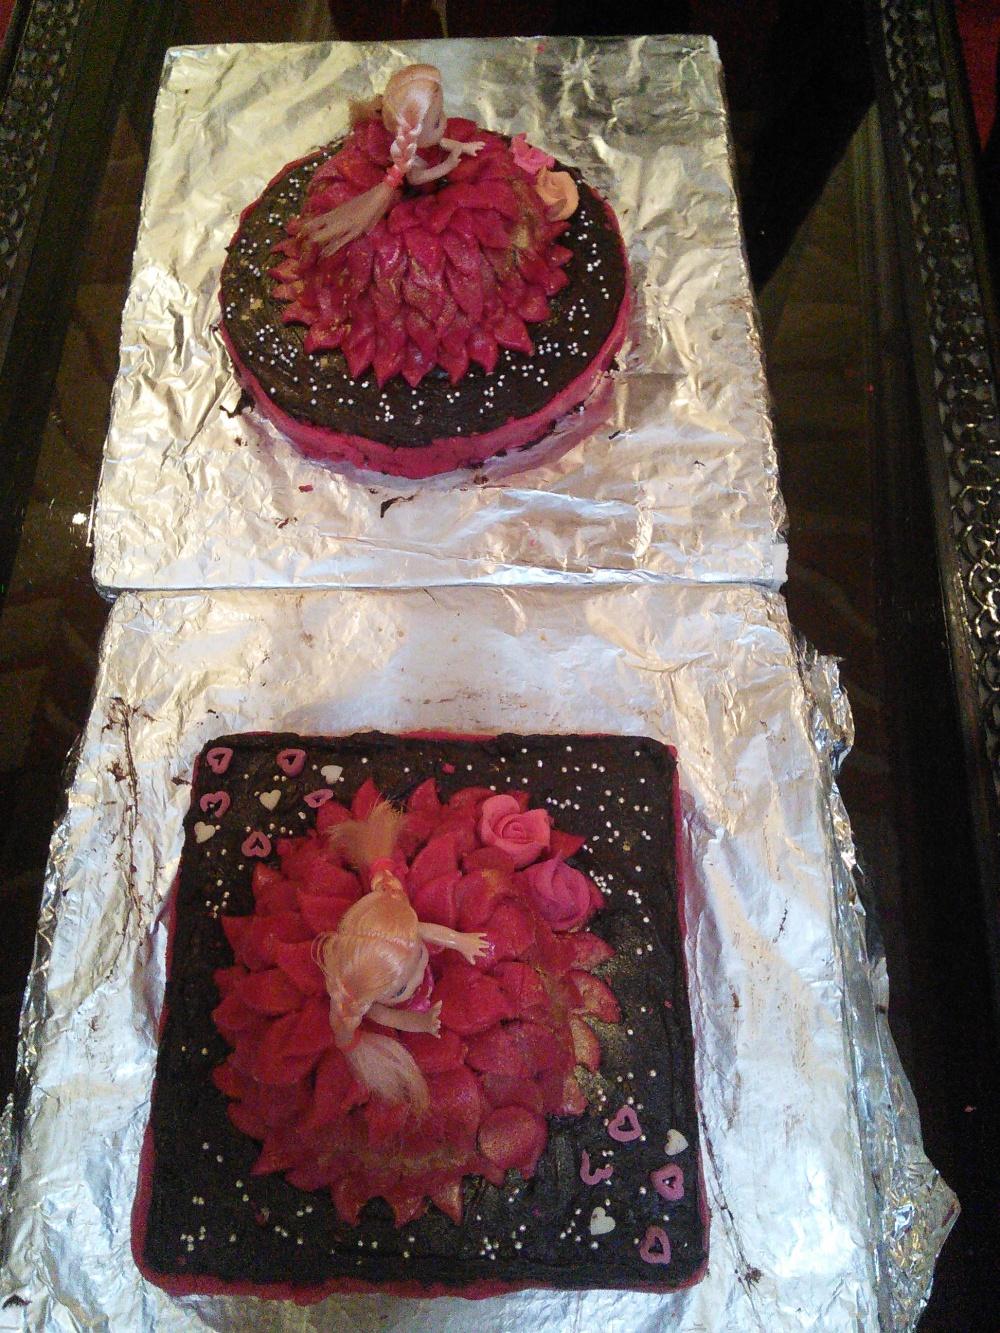 Princess' cakes